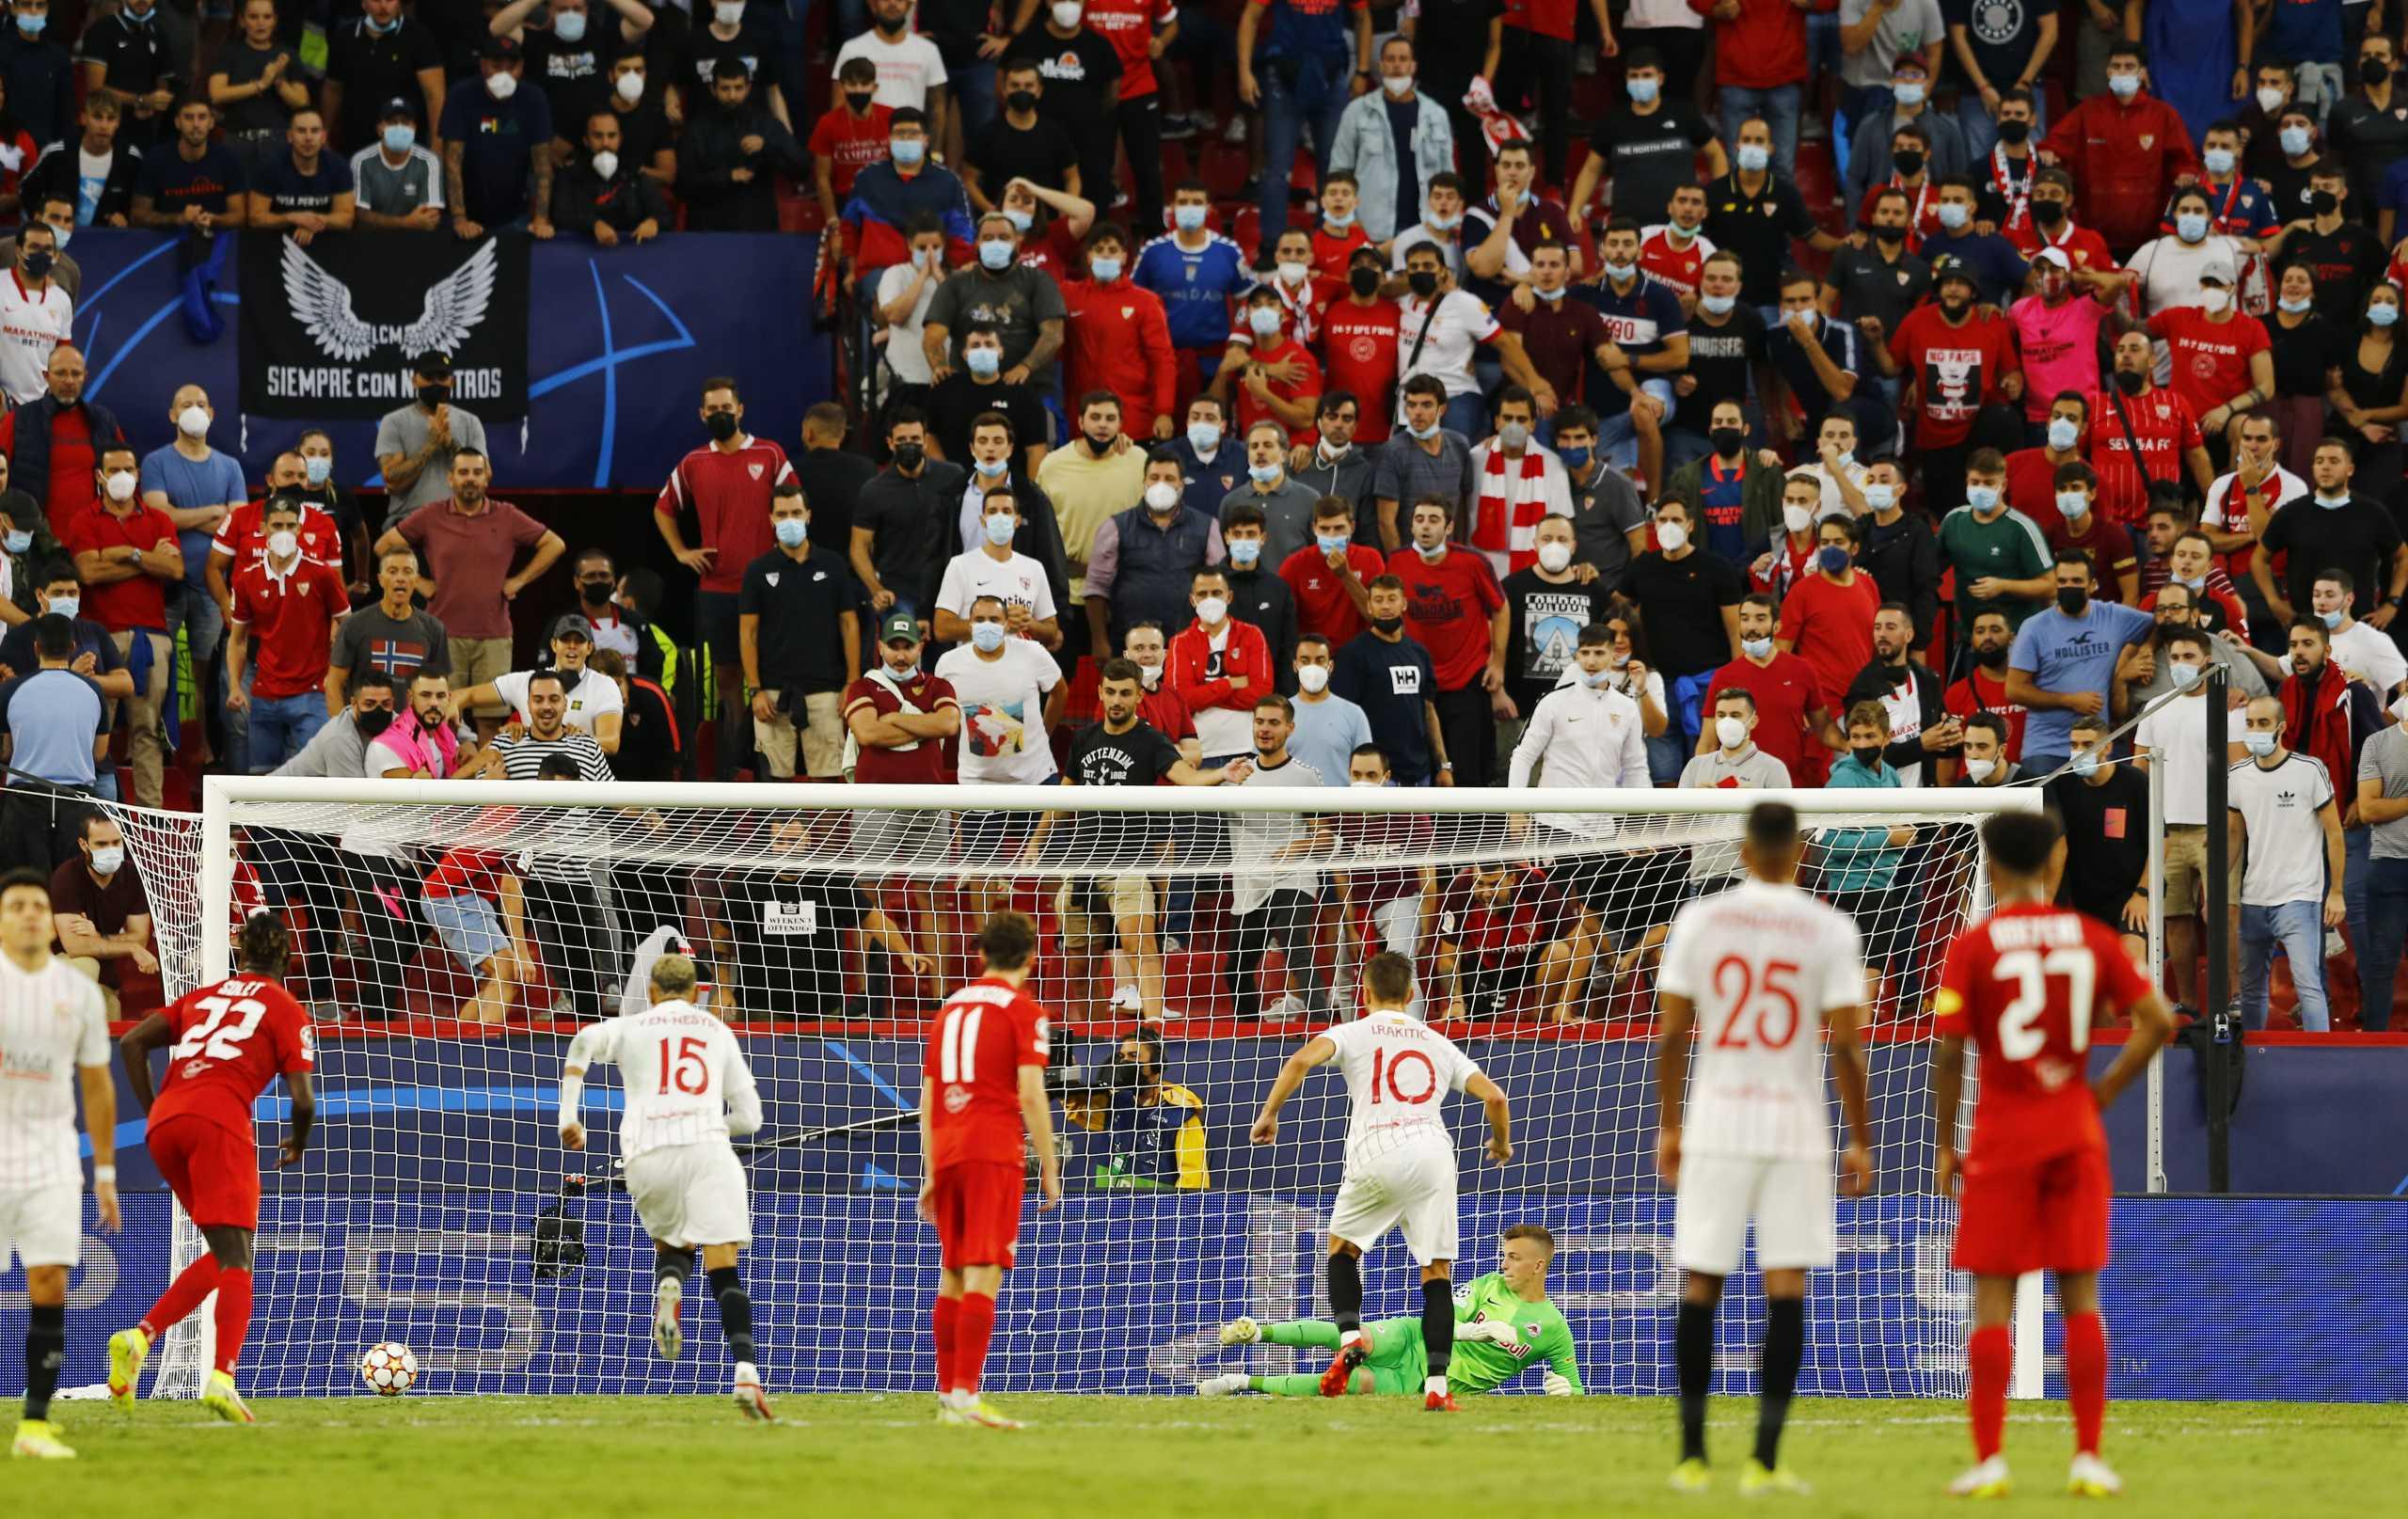 Champions League, Σεβίλλη – Σάλτσμπουργκ: Γράφτηκε ιστορία με τέσσερα πέναλτι στο πρώτο ημίχρονο